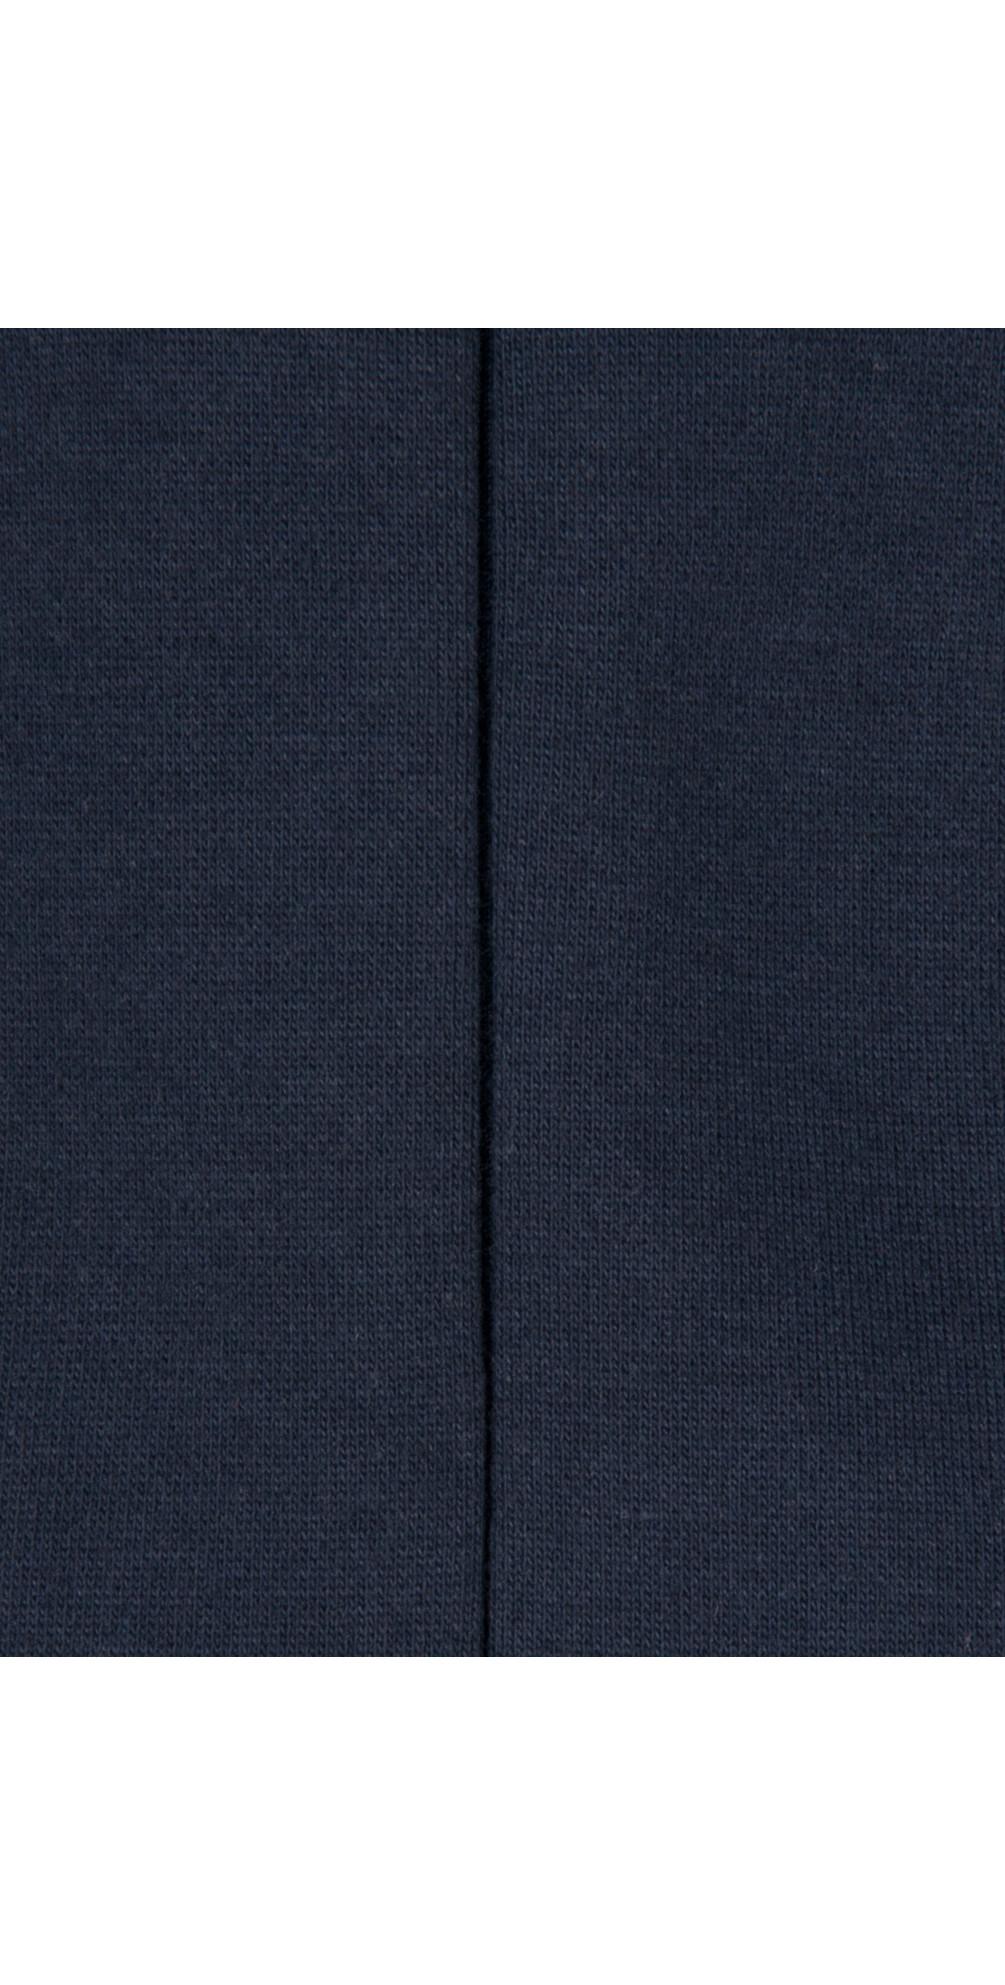 Cut Out Plain Cotton Dress main image